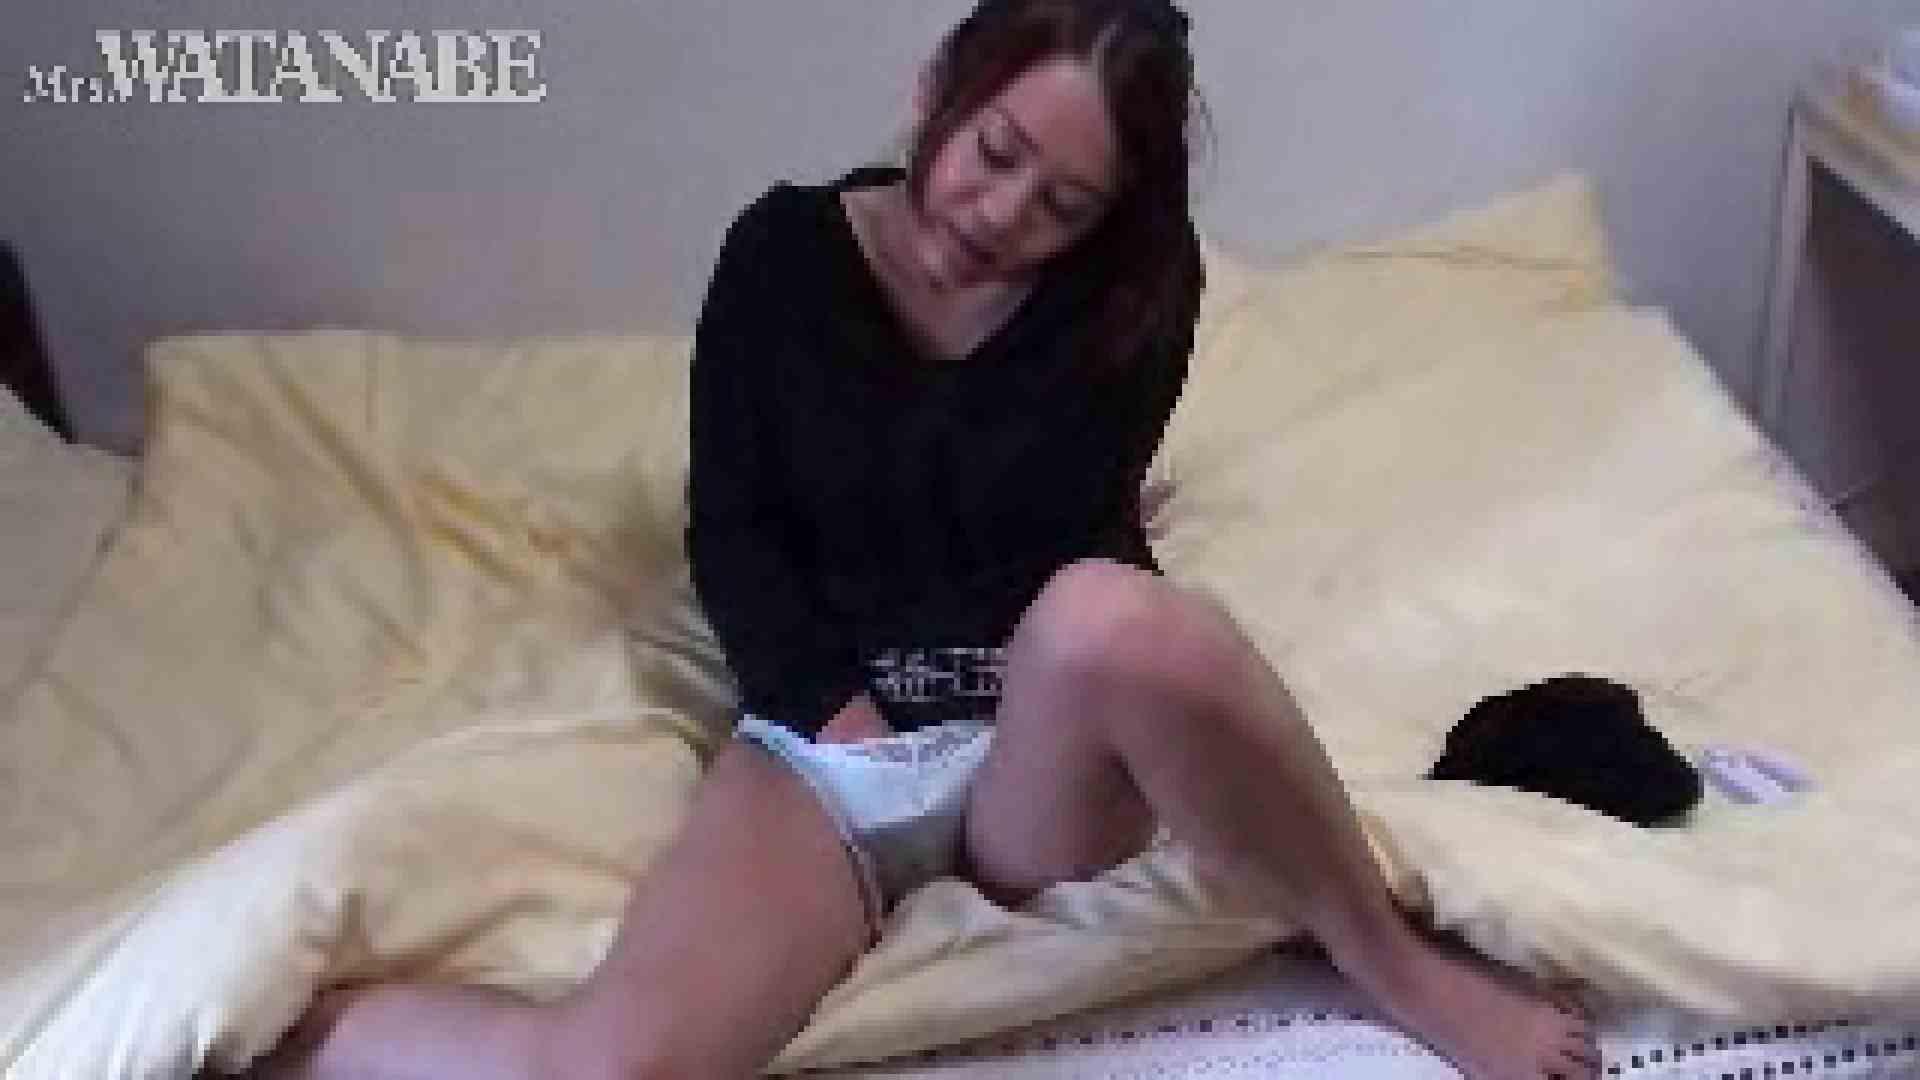 SNSで出会った人妻をハメ撮りしちゃいます 2回目 前編 熟女  33連発 30